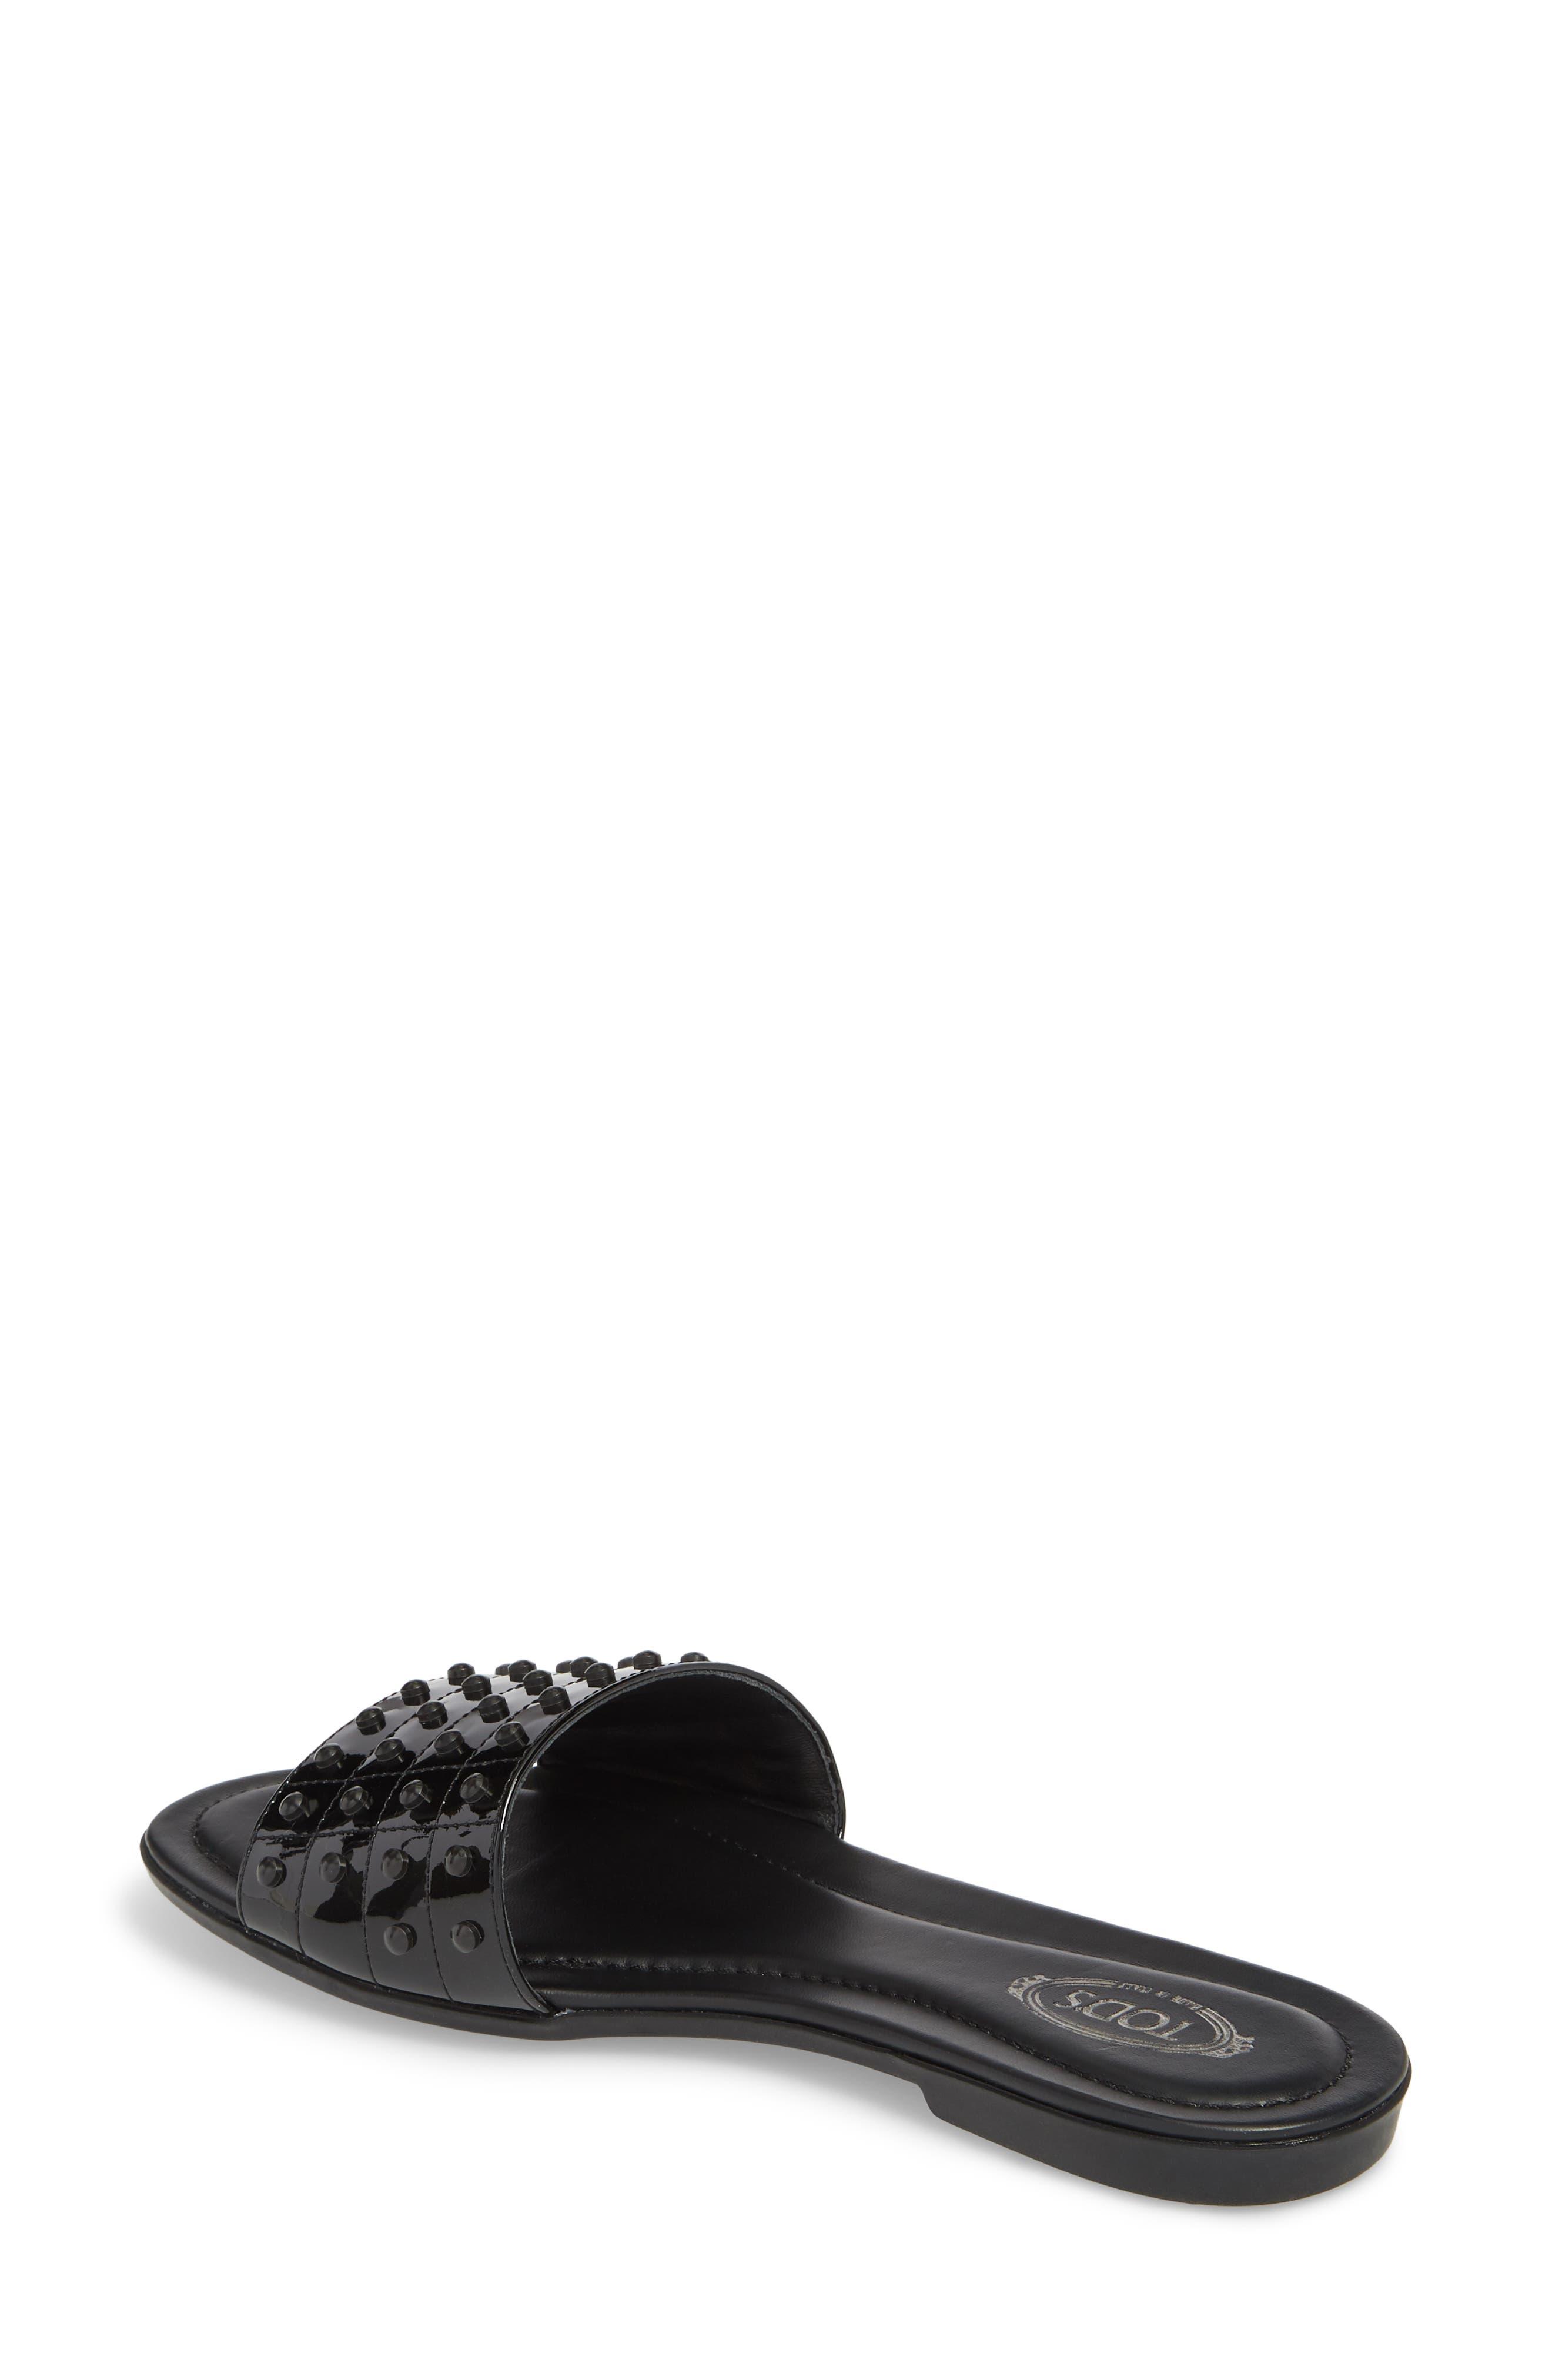 Gommini Slide Sandal,                             Alternate thumbnail 2, color,                             001